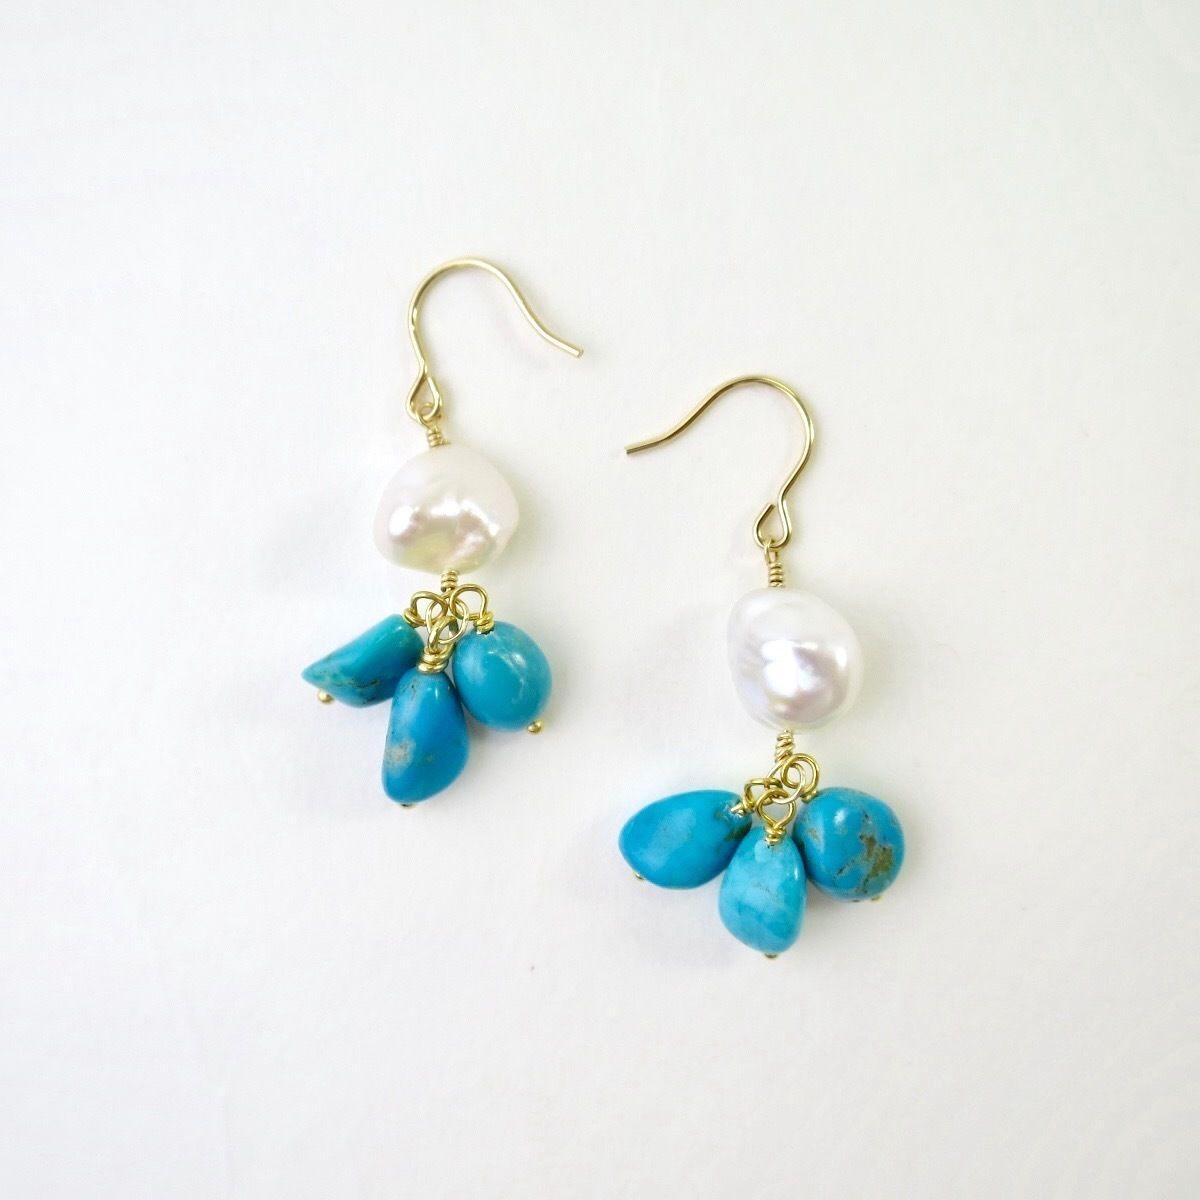 Freshwater pearl×Turquoise Pierced earrings【14kgf】